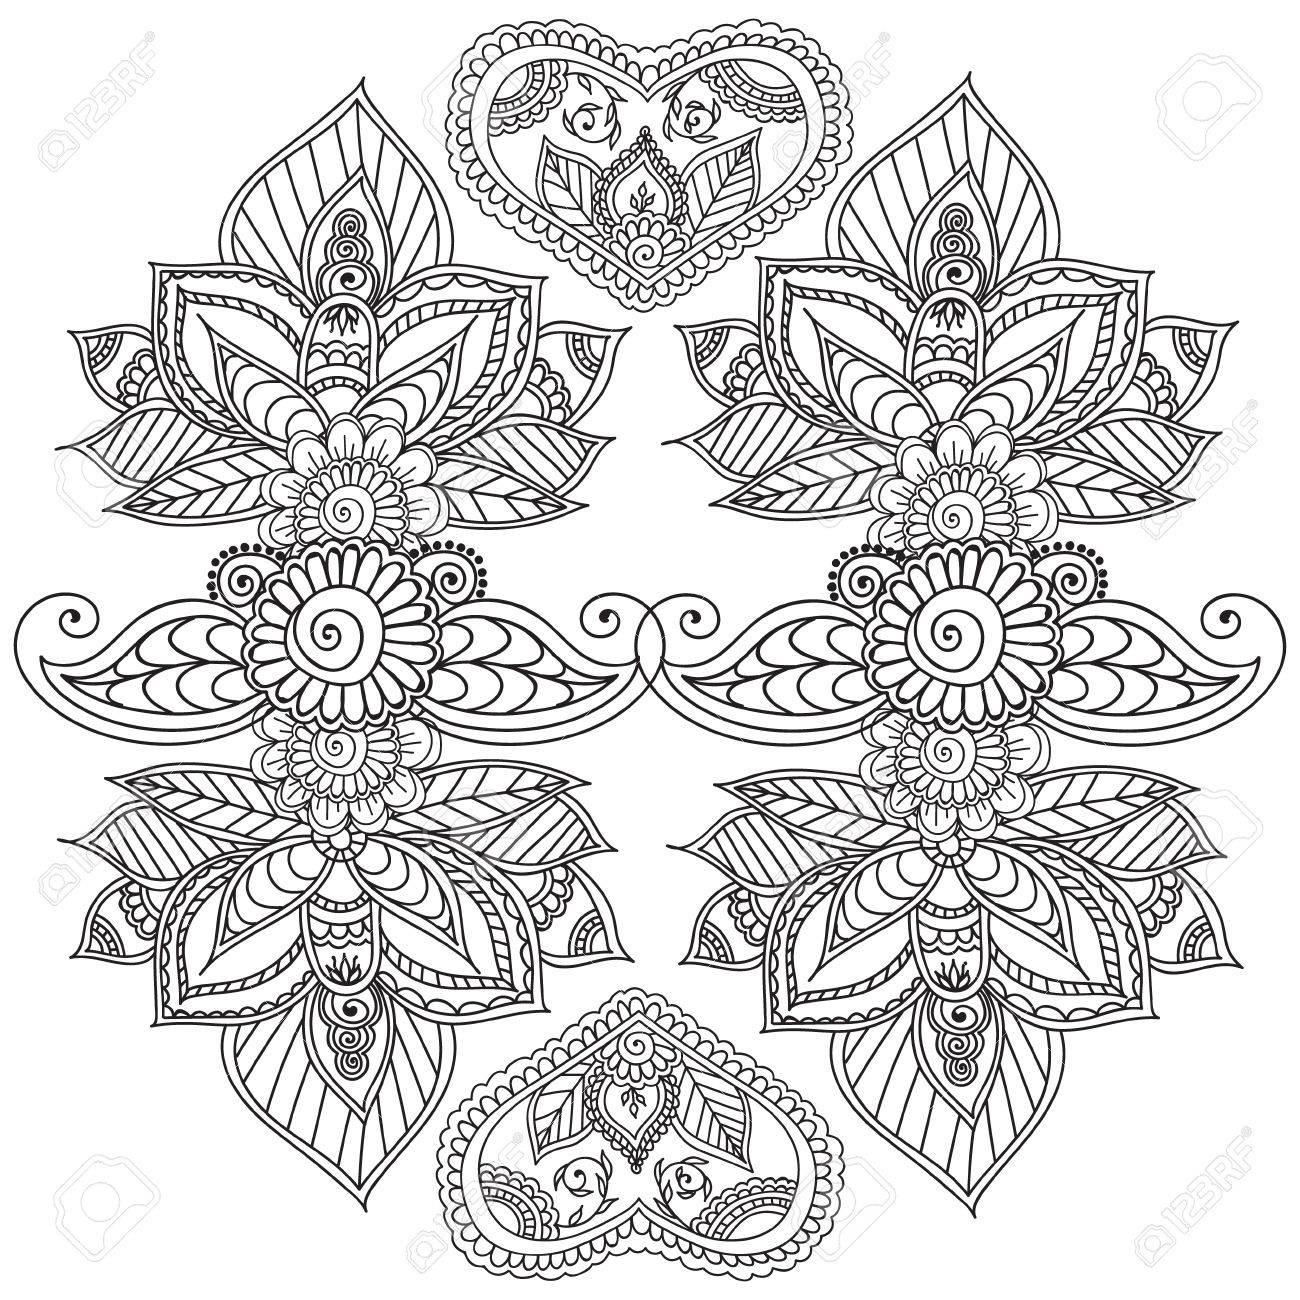 Dibujos Para Colorear Para Adultos Henna Mehndi Doodles Elementos Florales Abstractos Del Diseño De Paisley Mandala Ejemplo Del Vector Libro De